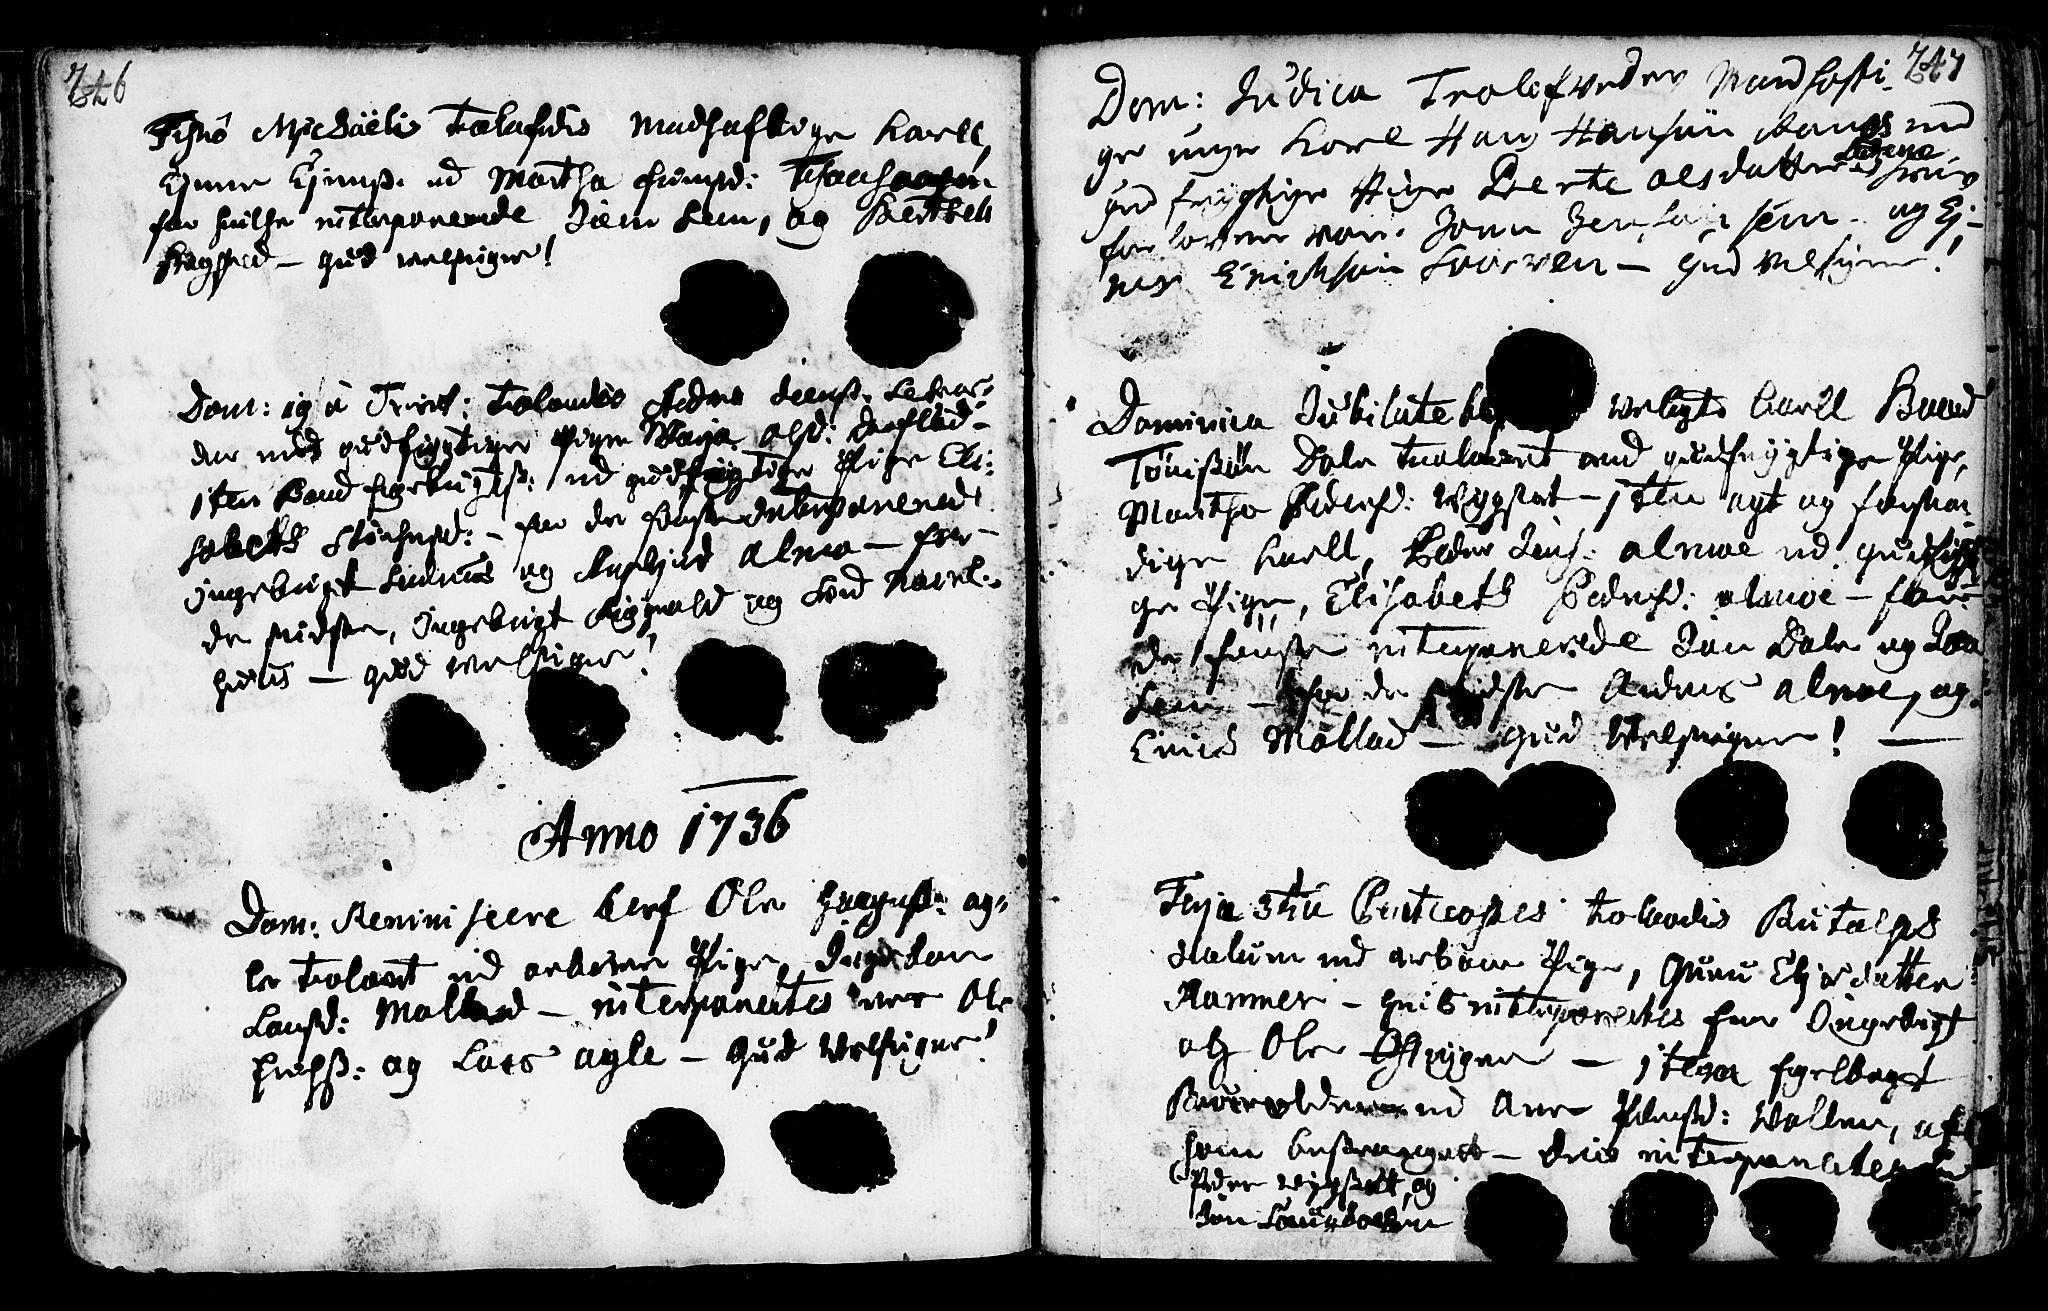 SAT, Ministerialprotokoller, klokkerbøker og fødselsregistre - Nord-Trøndelag, 749/L0467: Ministerialbok nr. 749A01, 1733-1787, s. 246-247